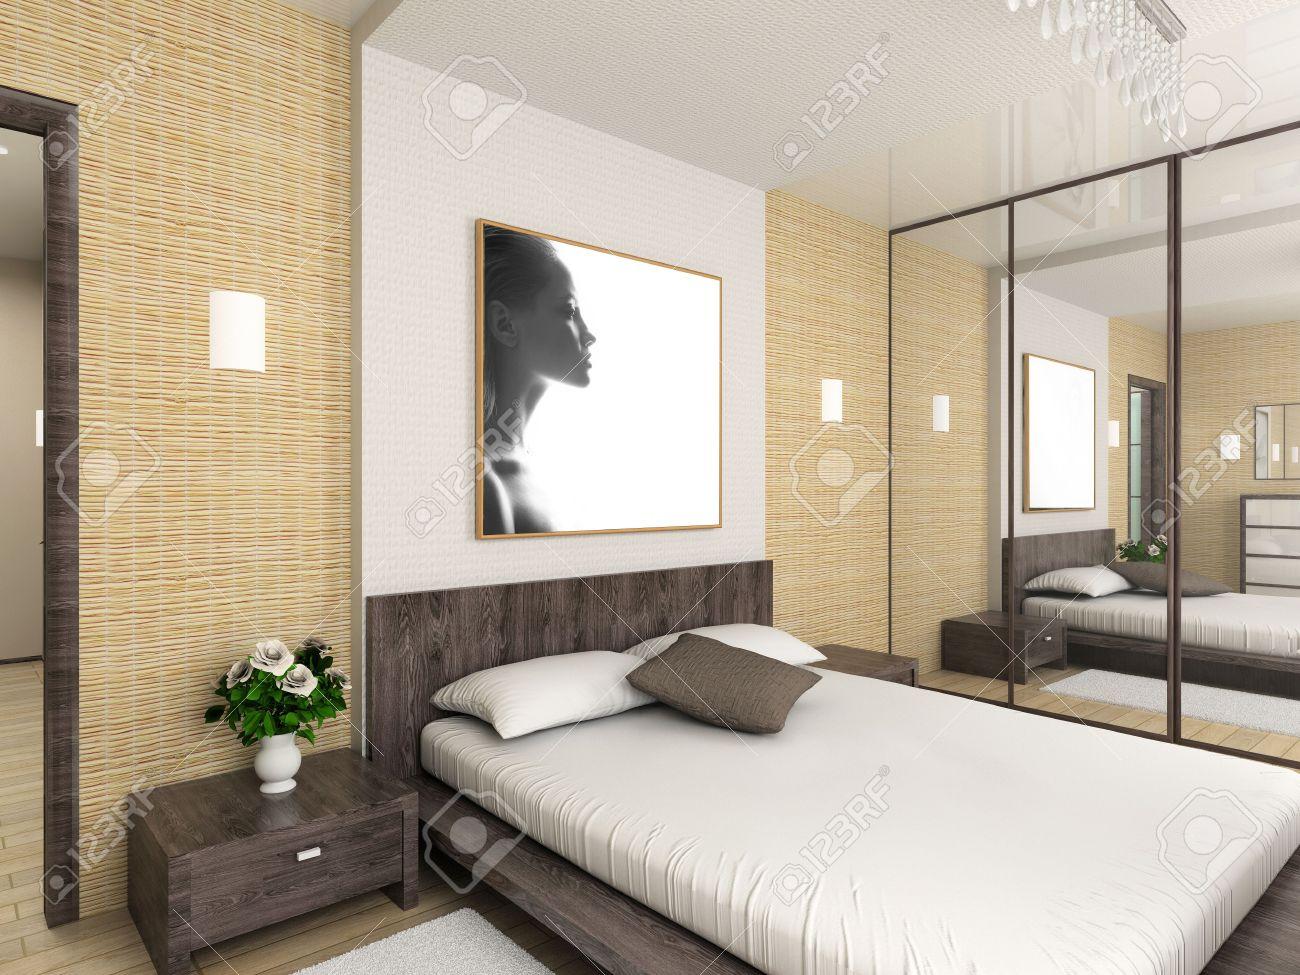 Innenausstattung schlafzimmer  Moderne Innenausstattung. 3D Render. Schlafzimmer. Exklusives ...